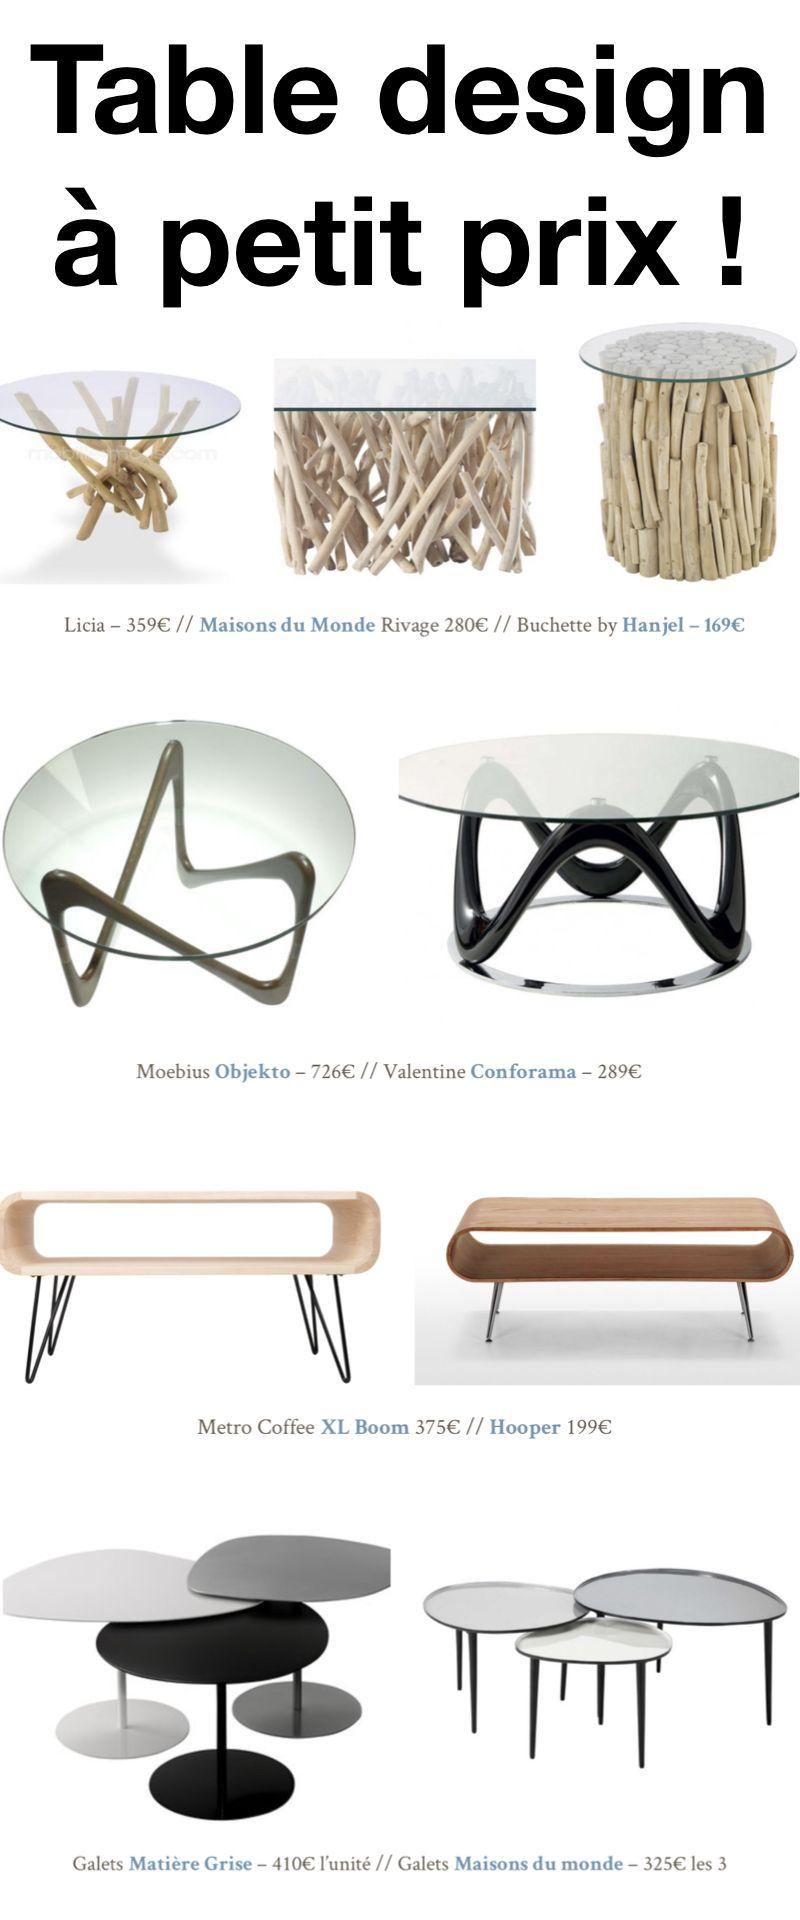 Une Table Basse La Meme En Moins Chere Clematc En 2020 Table Basse Table Basse Design Pas Cher Table Basse Bois Flotte